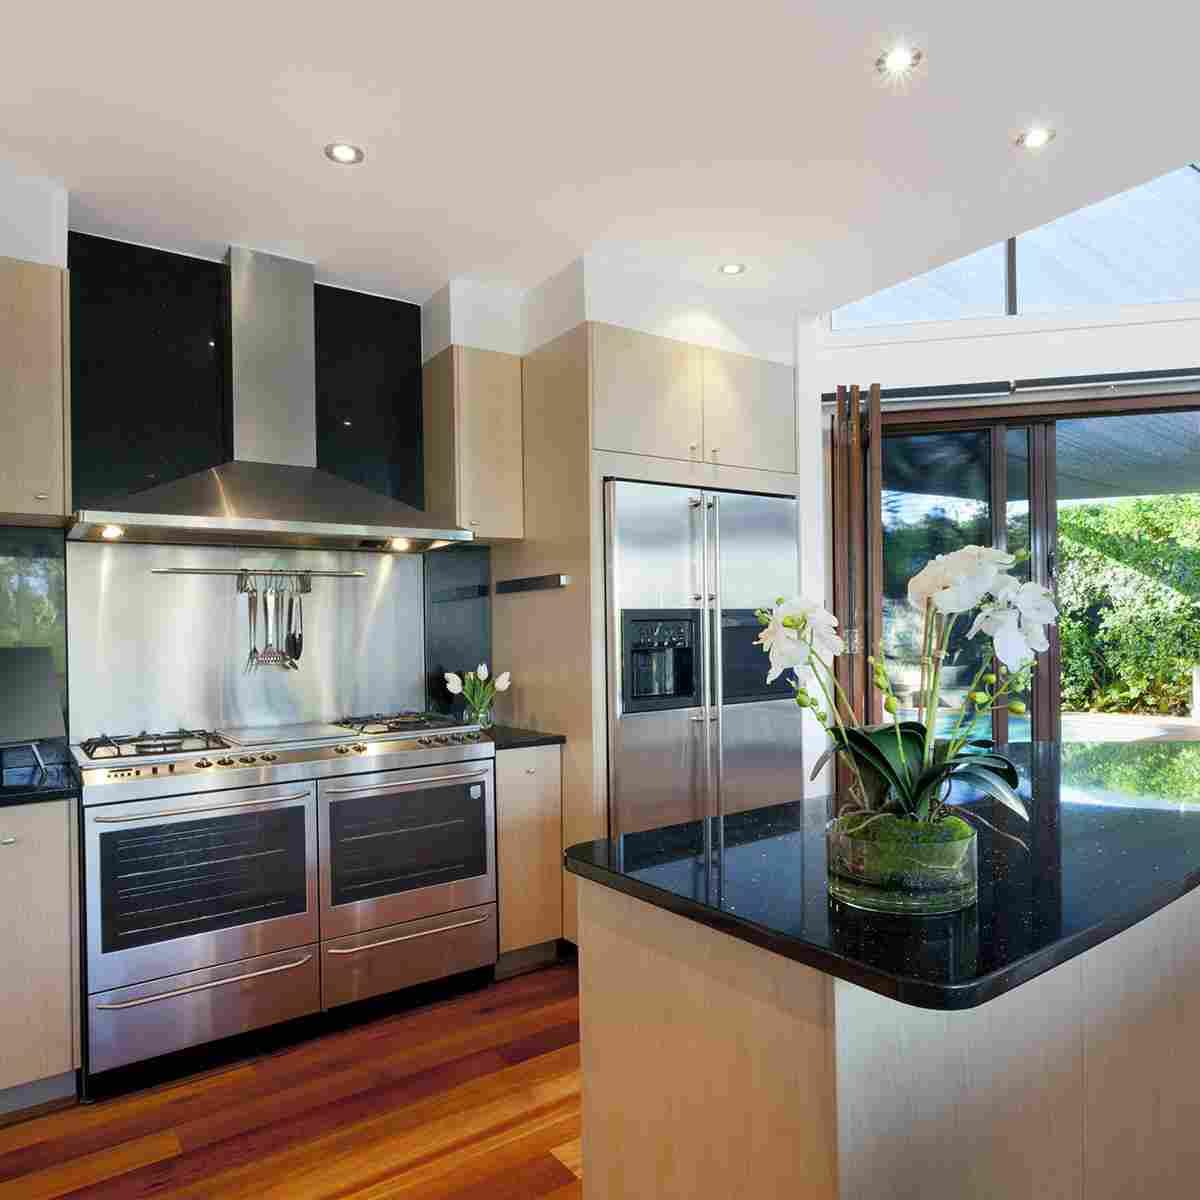 https://www.tamarind6.com/wp-content/uploads/2016/06/details-kitchen-1.jpg